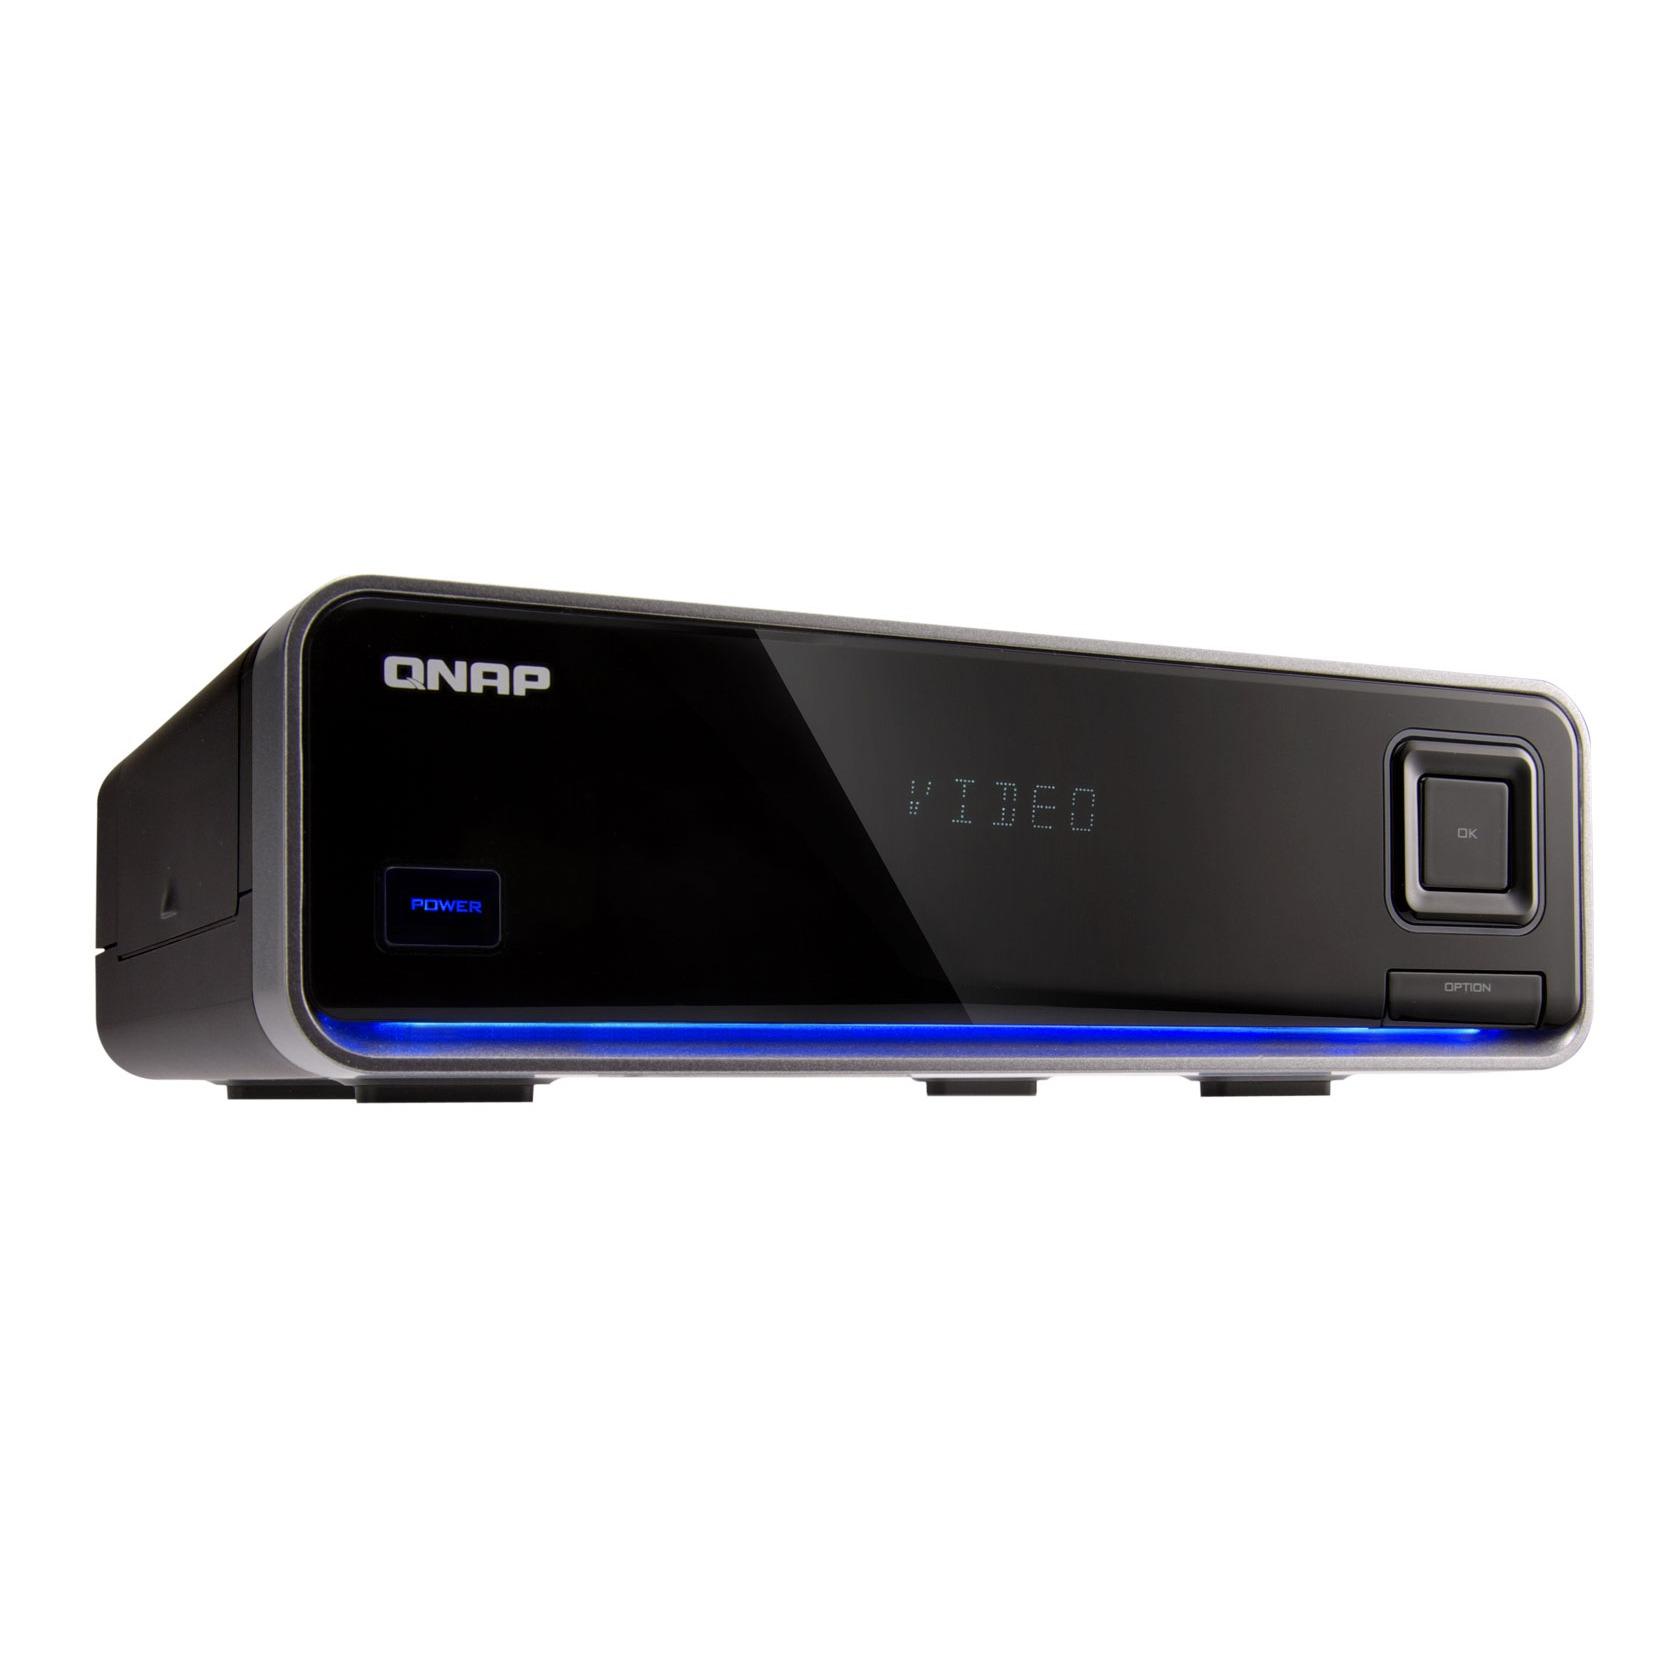 Lecteur multimédia QNAP NMP-1000 QNAP NMP-1000 - Boîtier multimédia HD 1080p avec fonction NAS (Ethernet/USB 2.0/eSATA) - sans disque dur